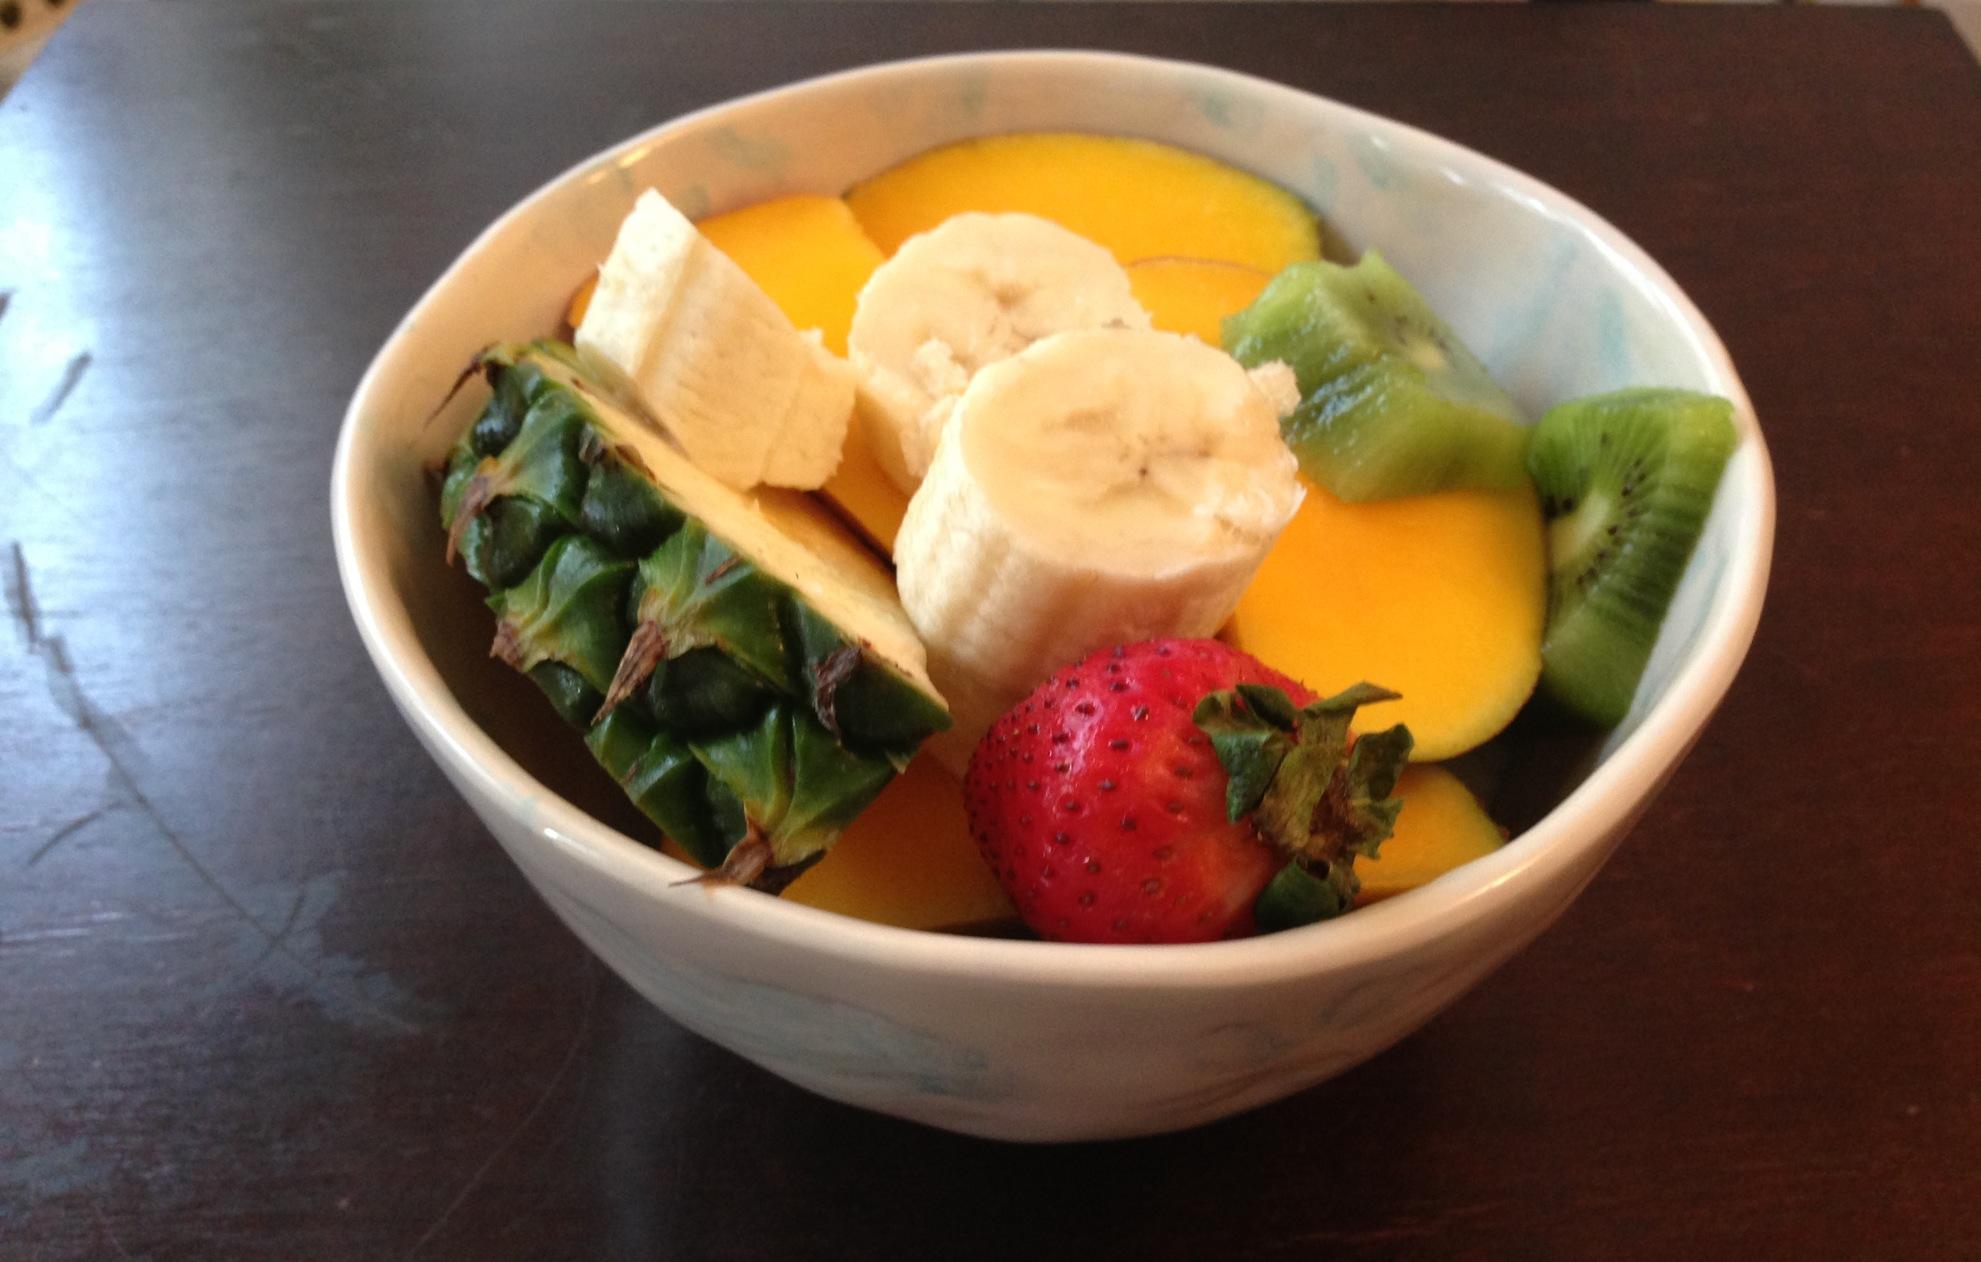 Morning Fruit Bowl